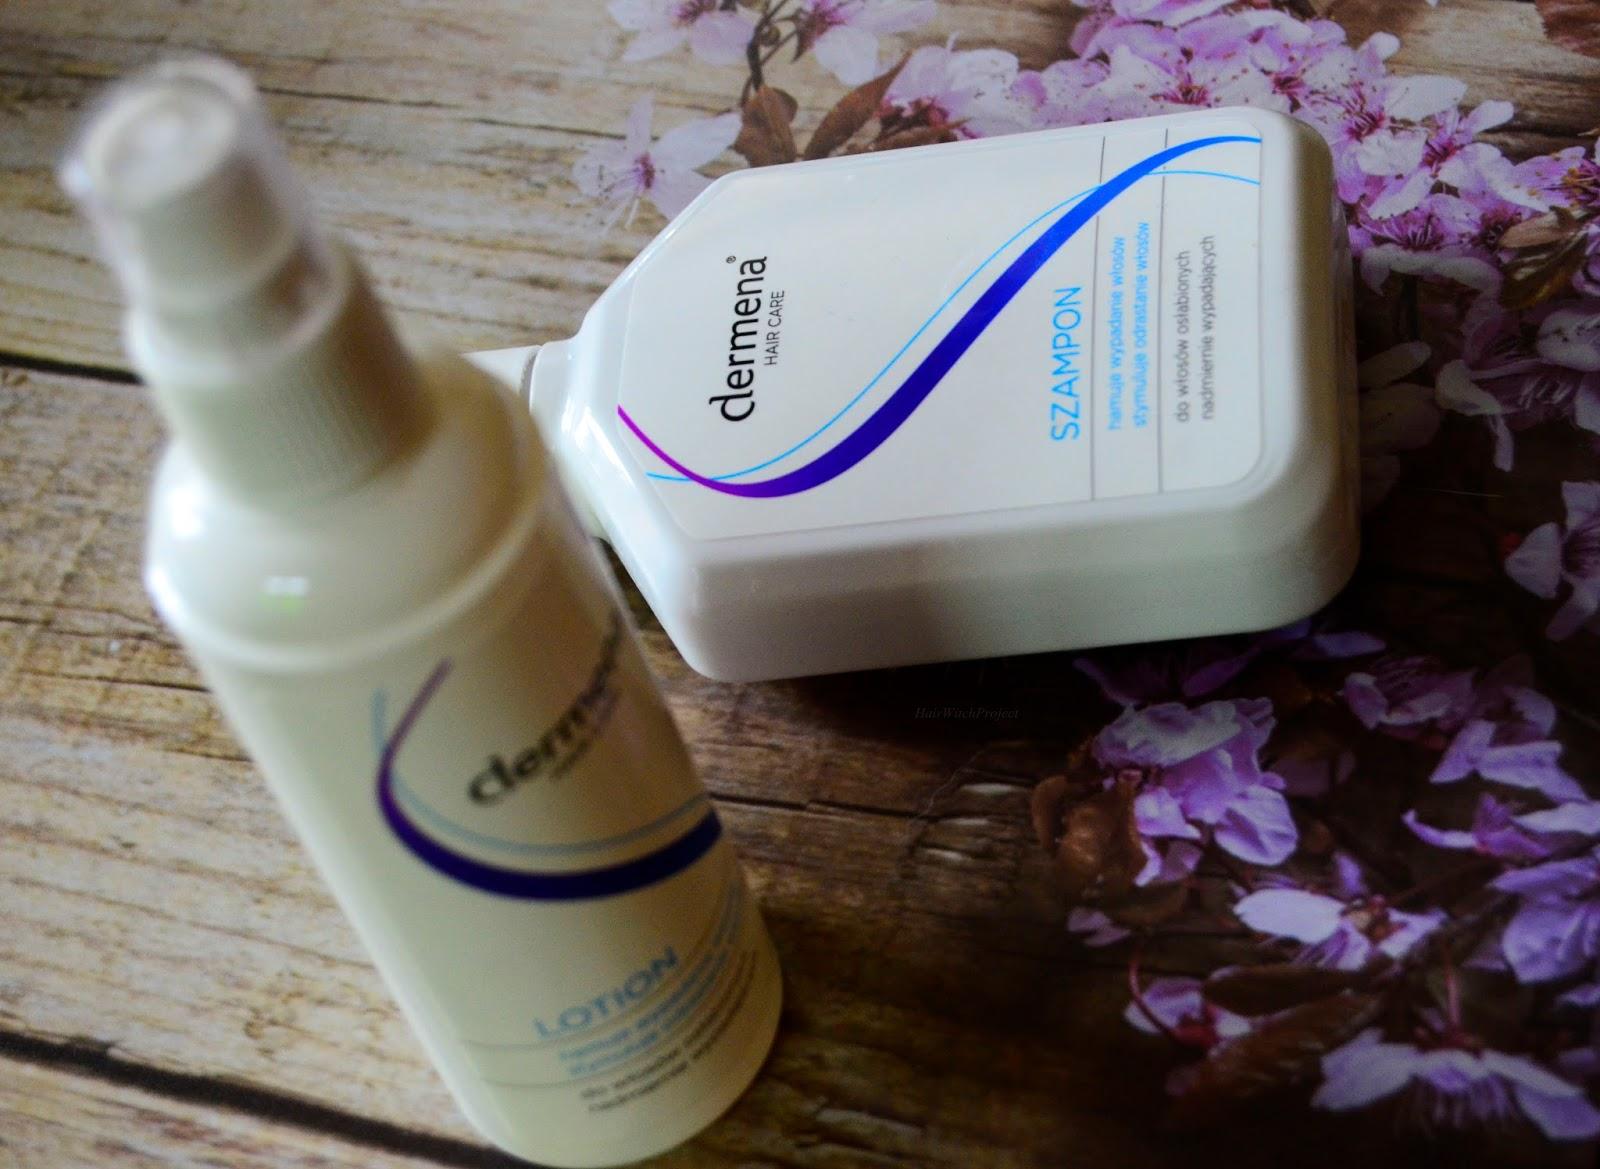 kosmetyki | dermena | hair care | włosy | szampon do włosów | lotion | kuracja